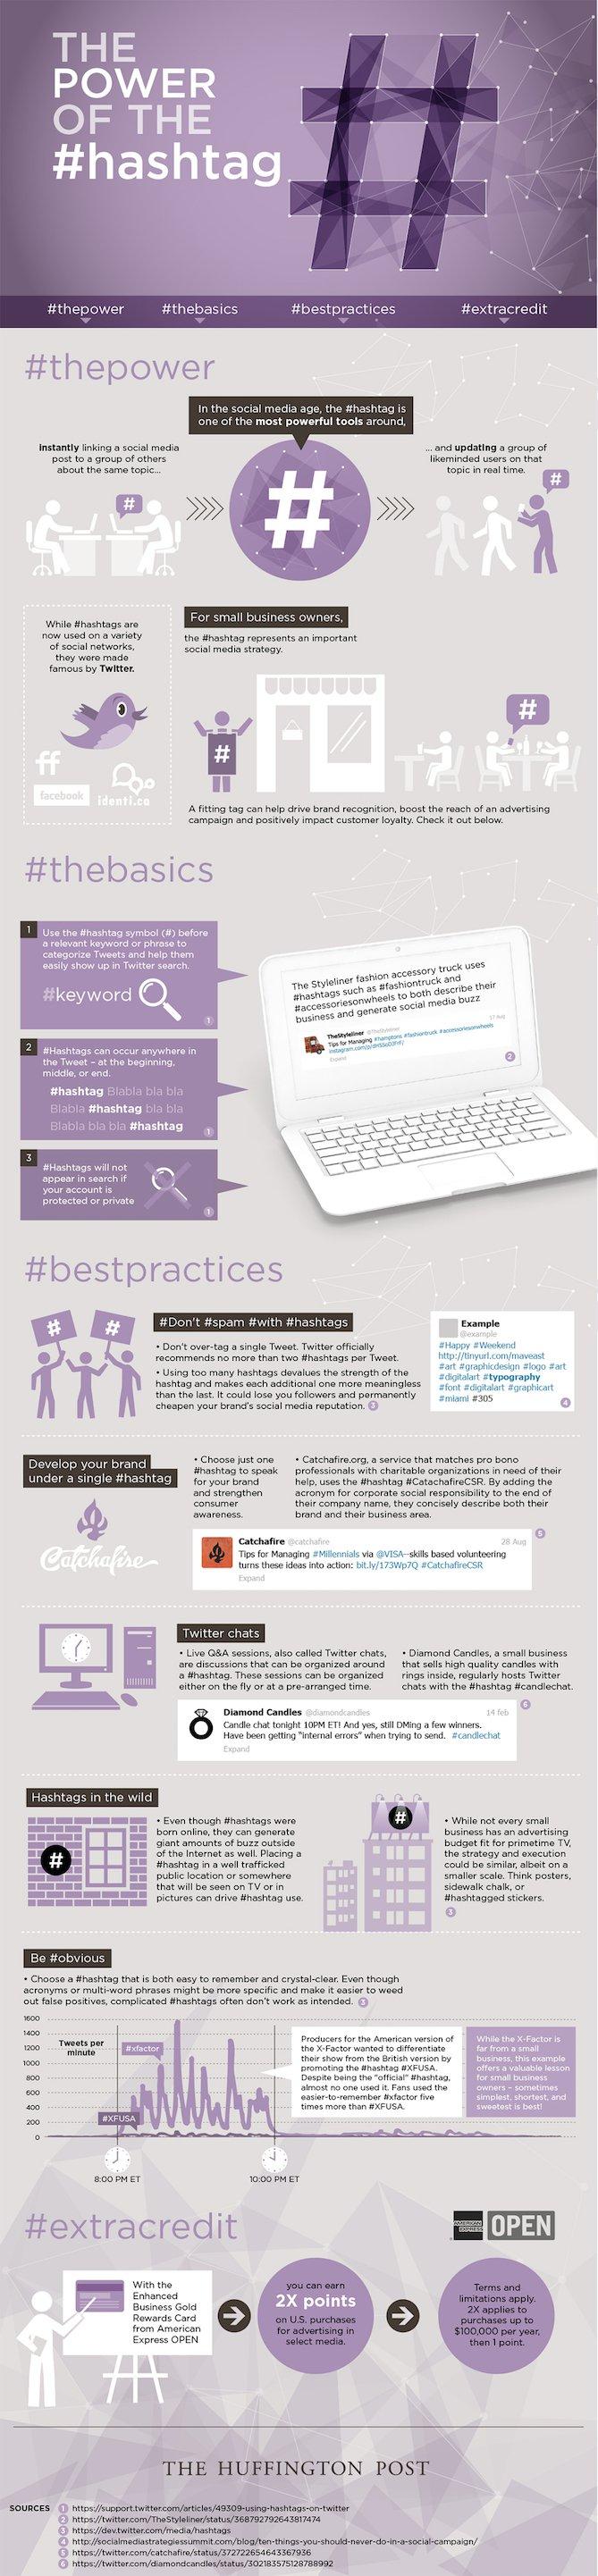 Guía para crear y utilizar hashtags en Twitter en formato infografia